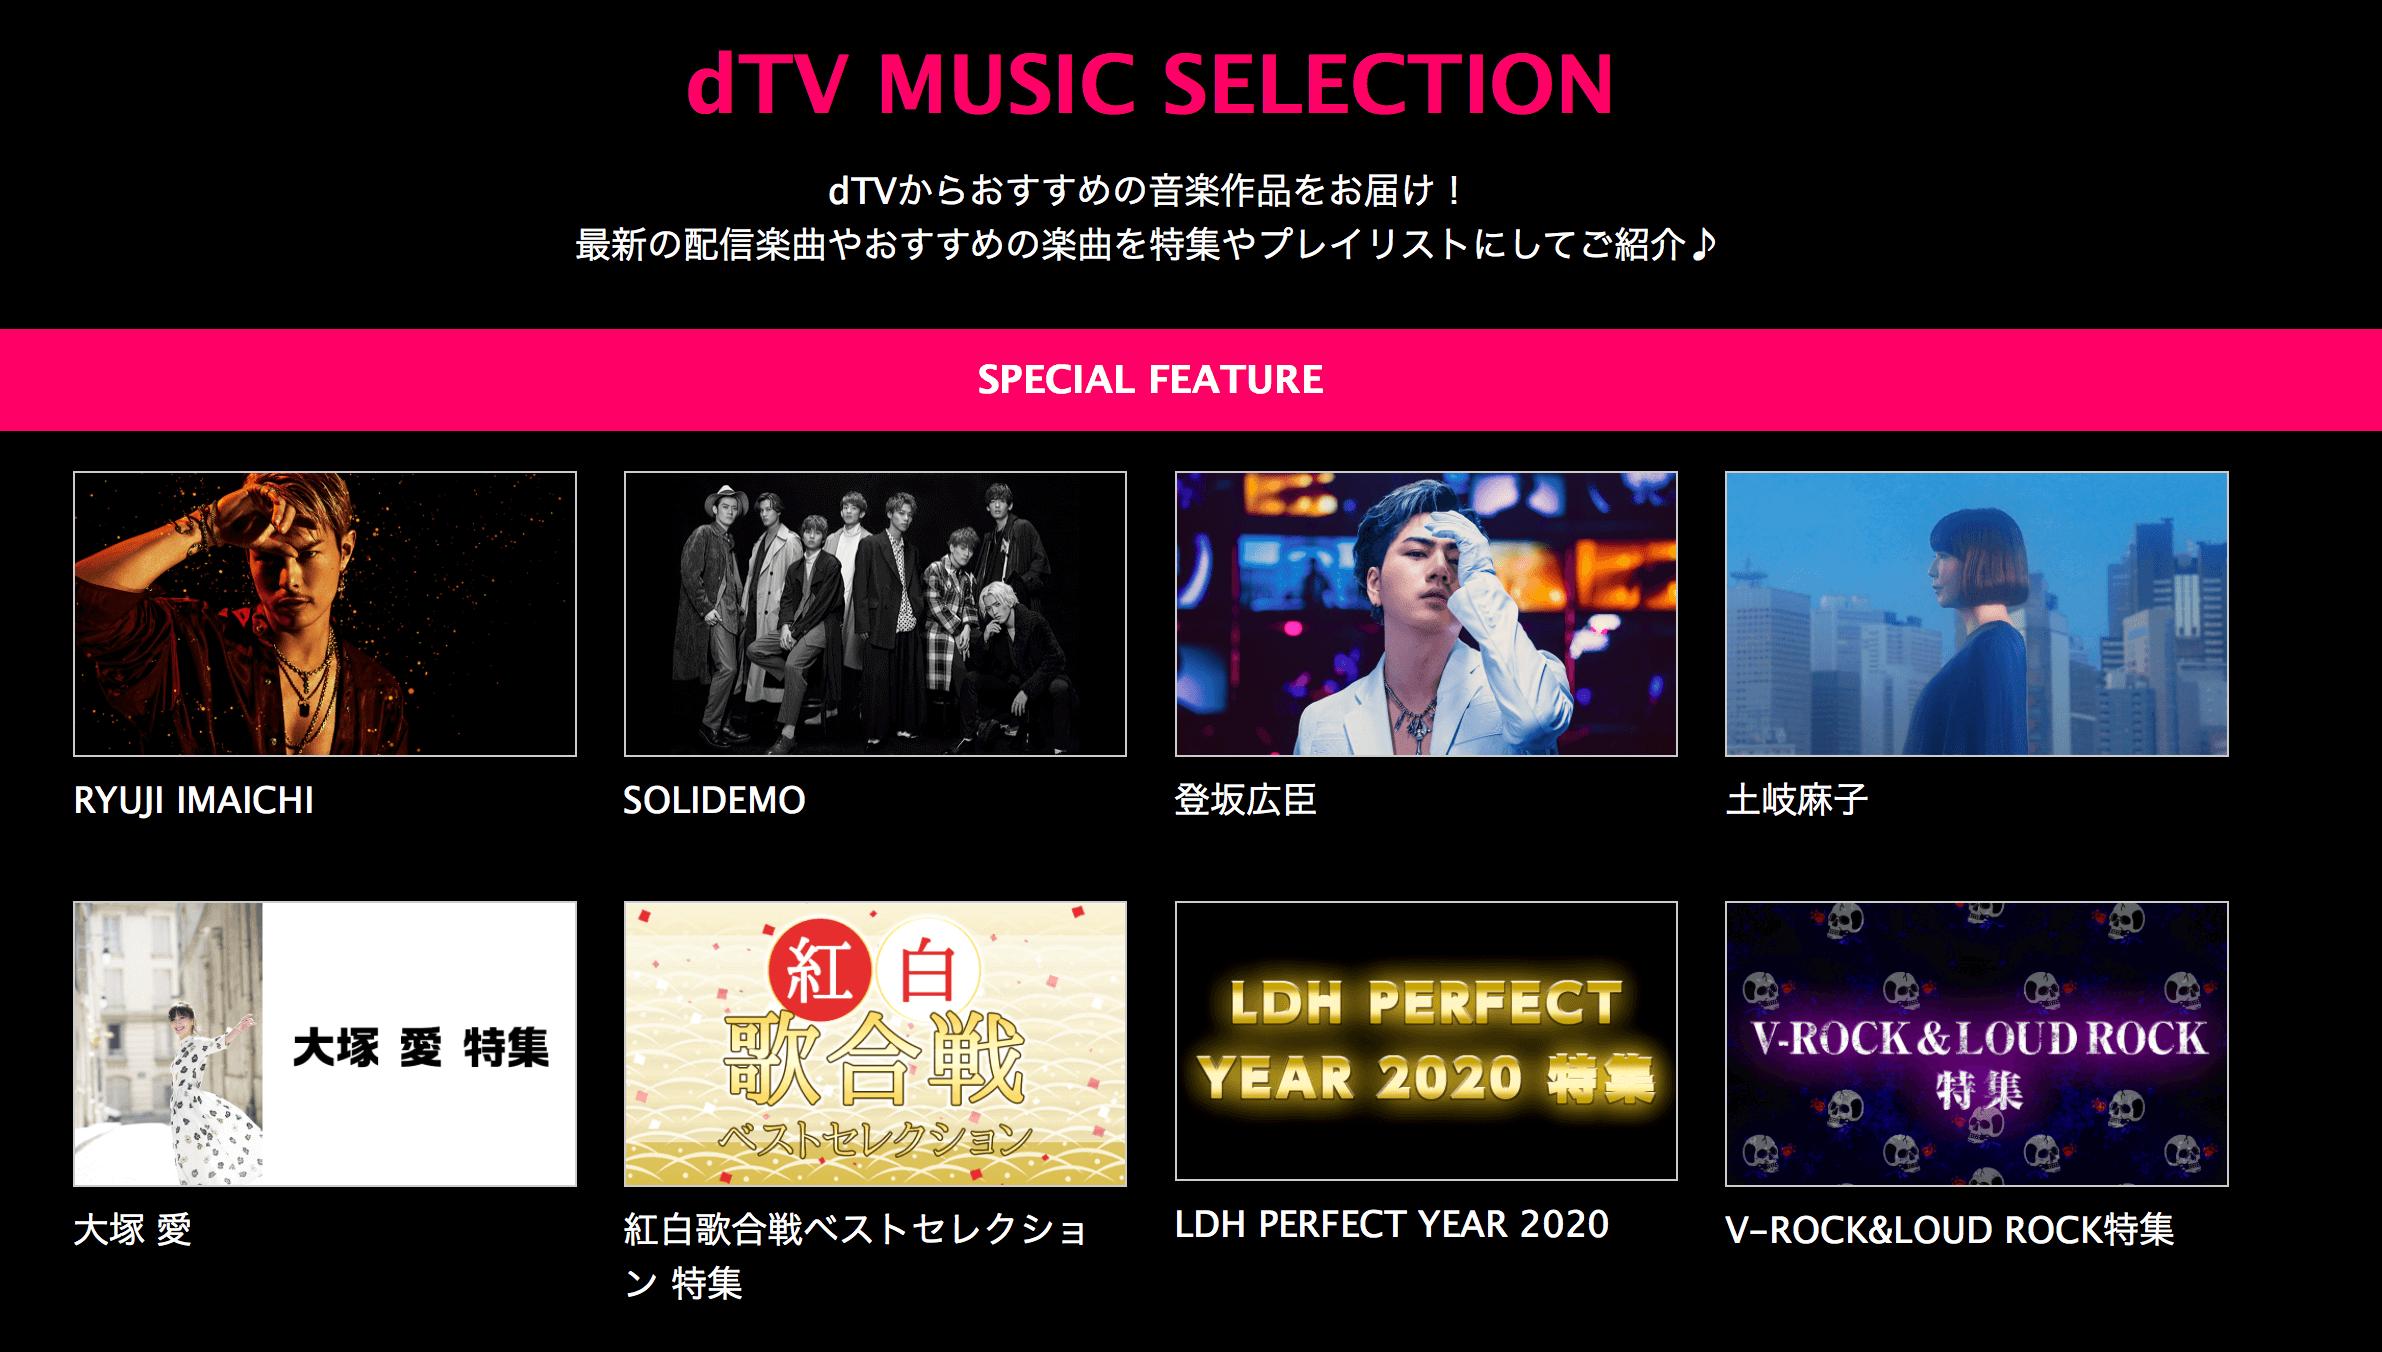 dTV音楽コンテンツ